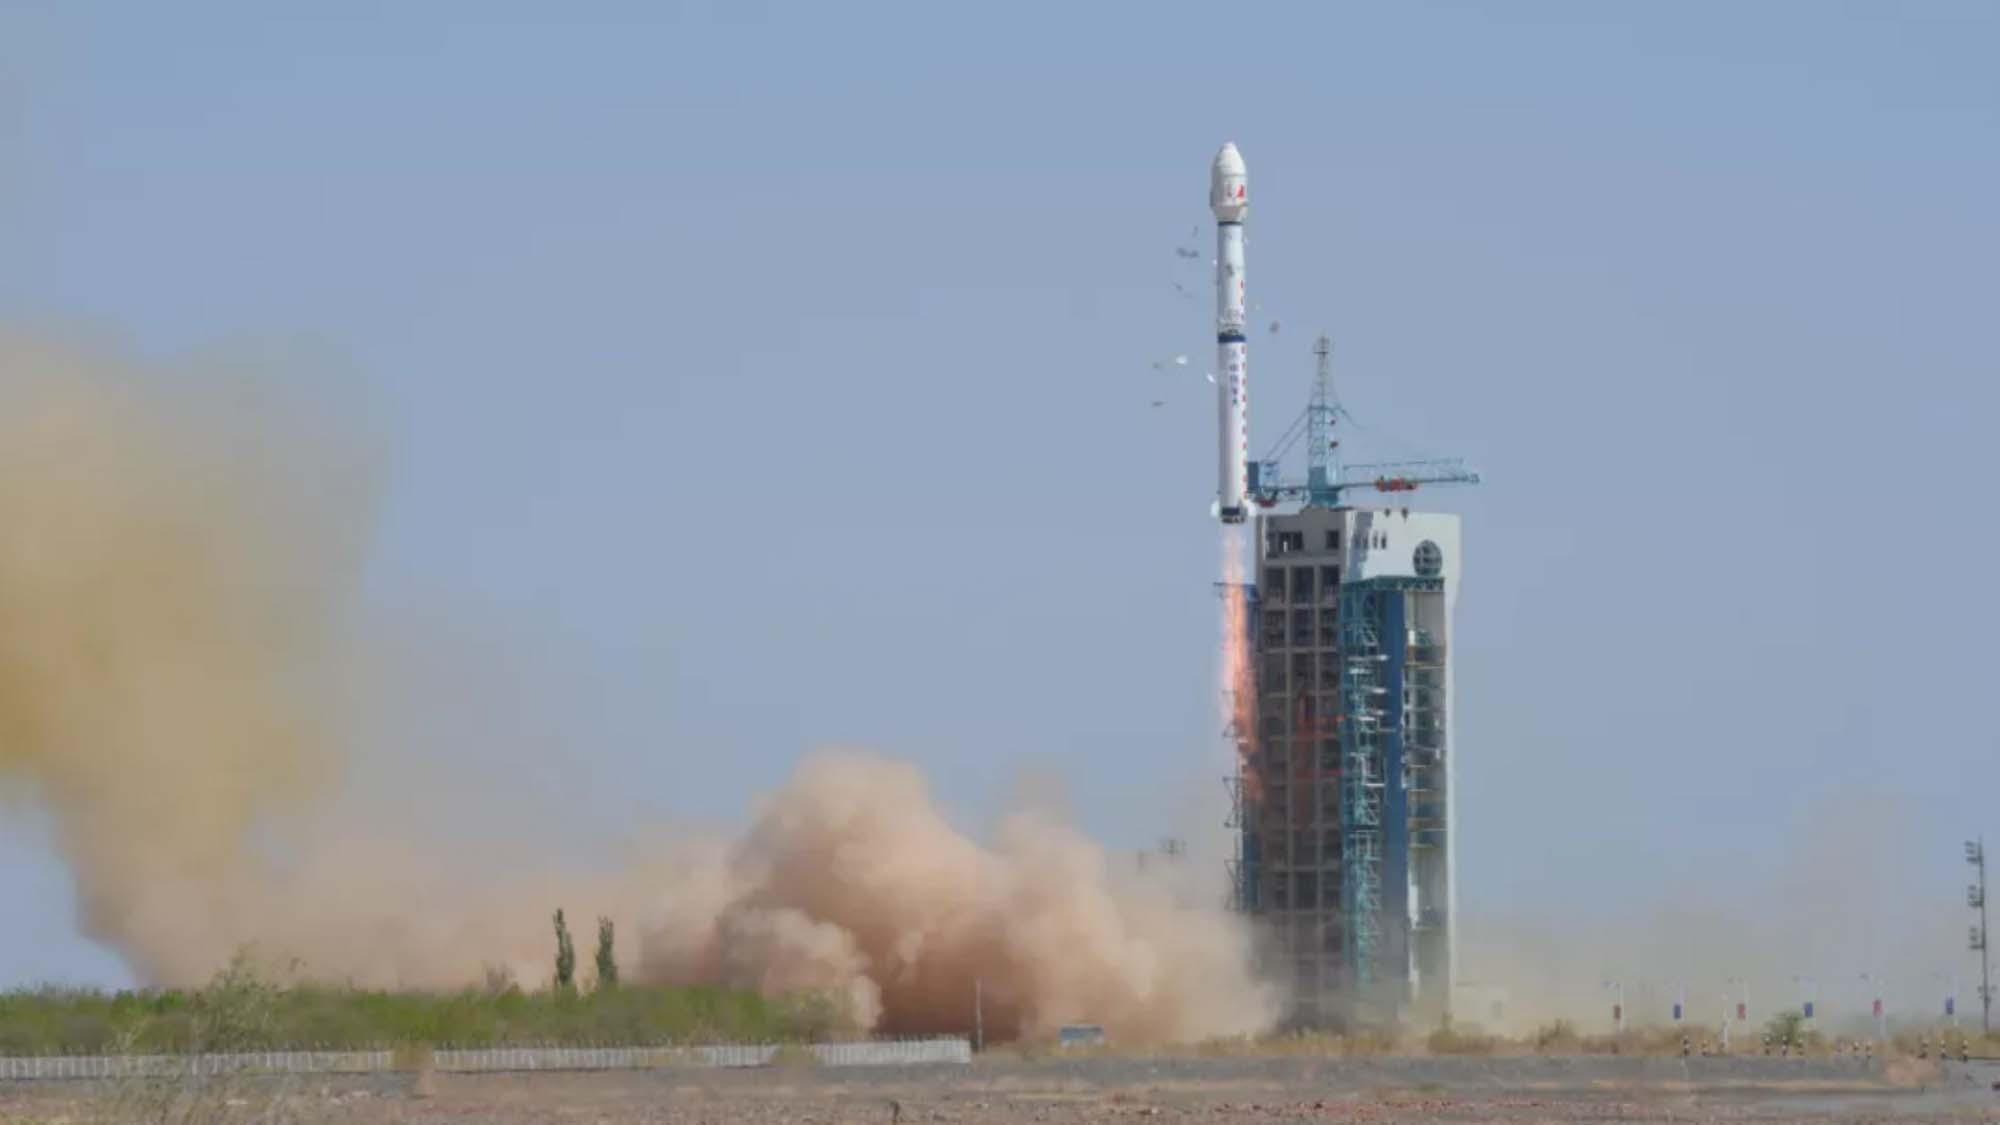 Une longue marche 4C décolle de Jiuquan pour envoyer Yaogan-34 en orbite.